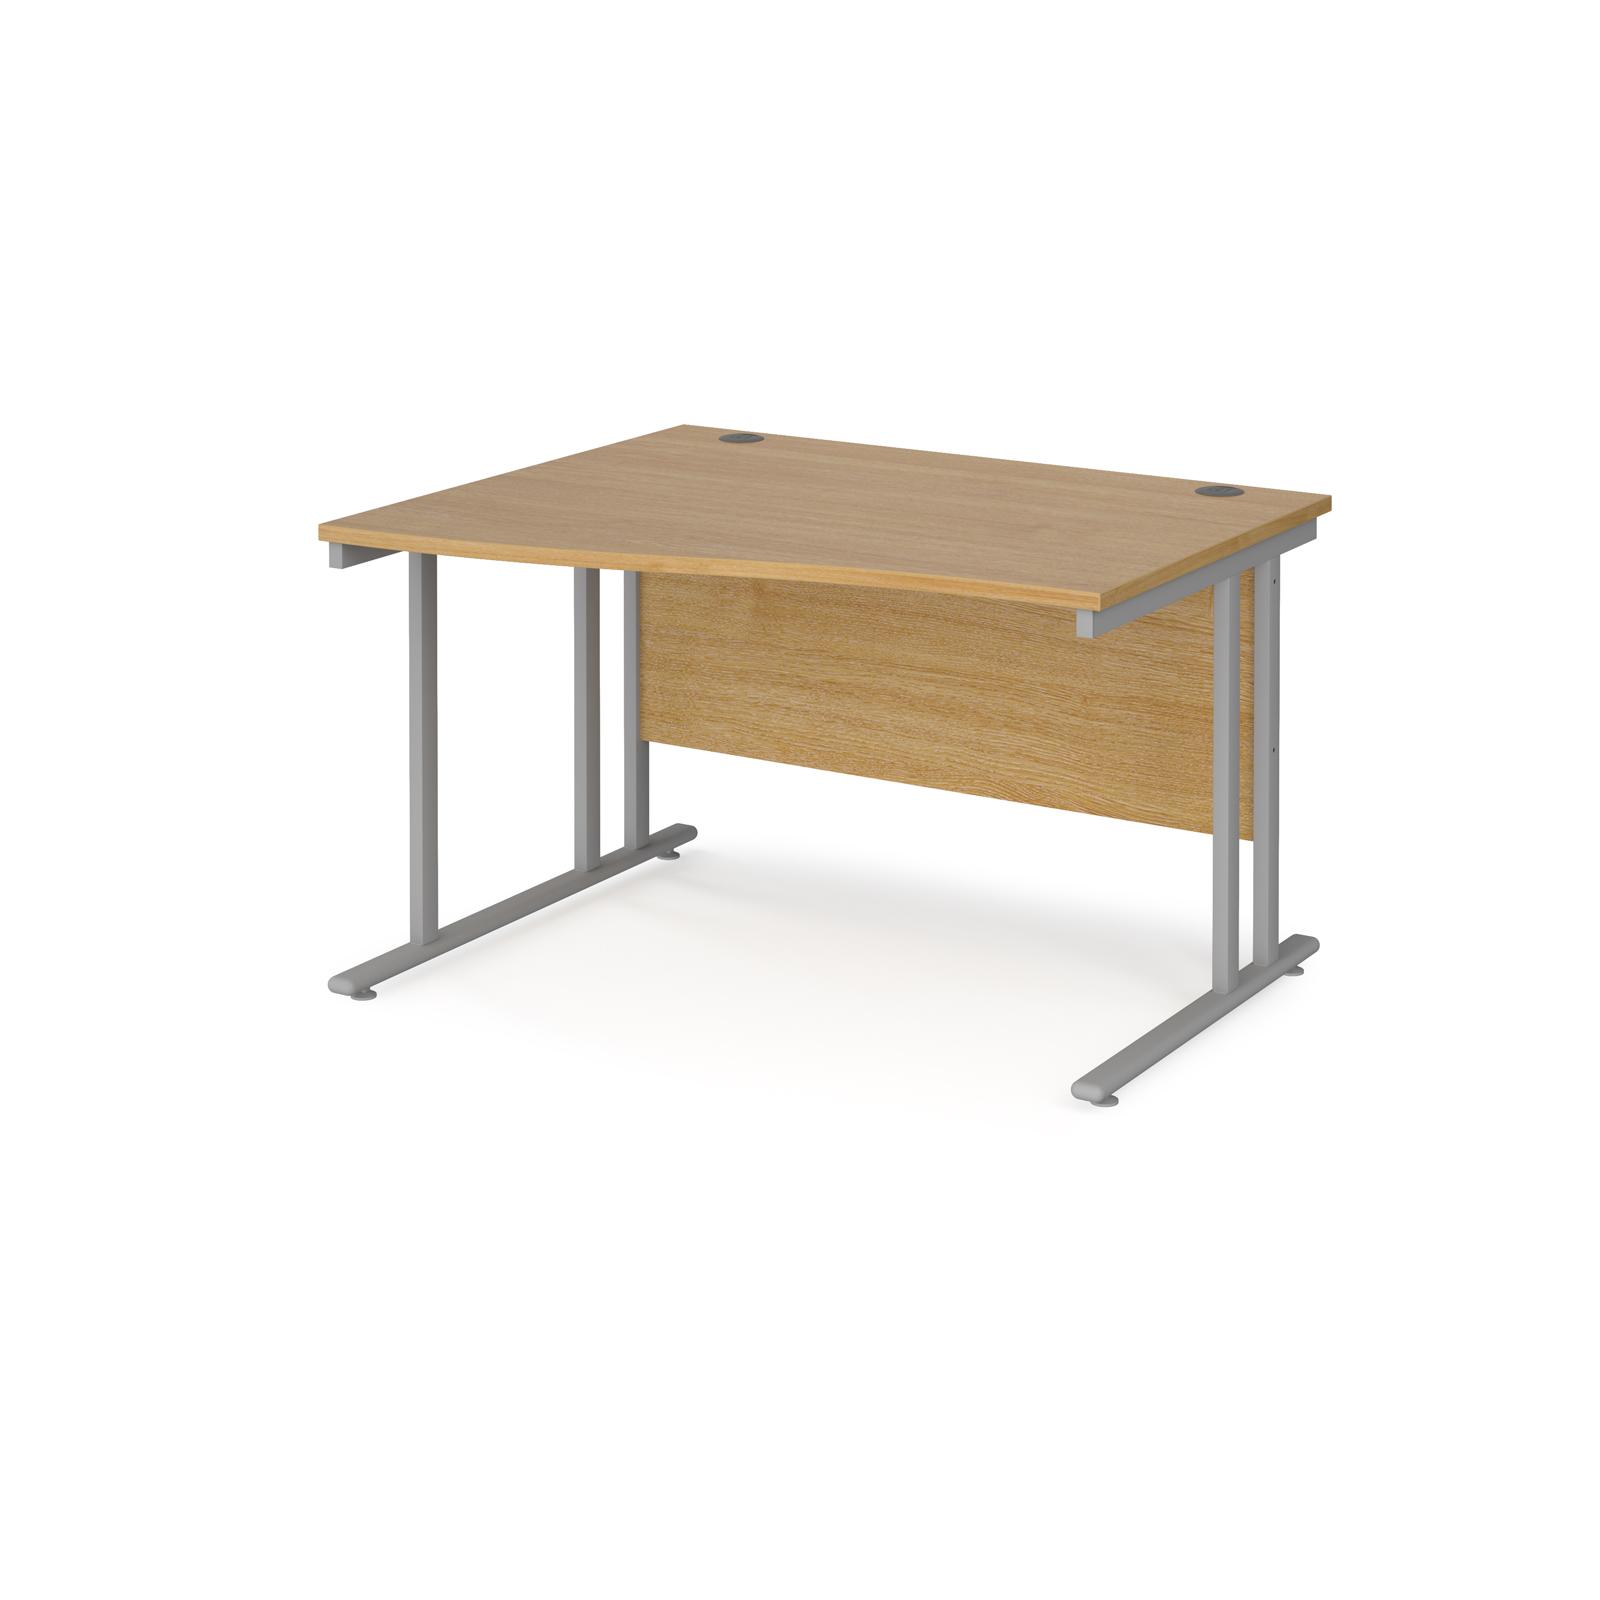 Left Handed Maestro 25 left hand wave desk 1200mm wide - silver cantilever leg frame, oak top